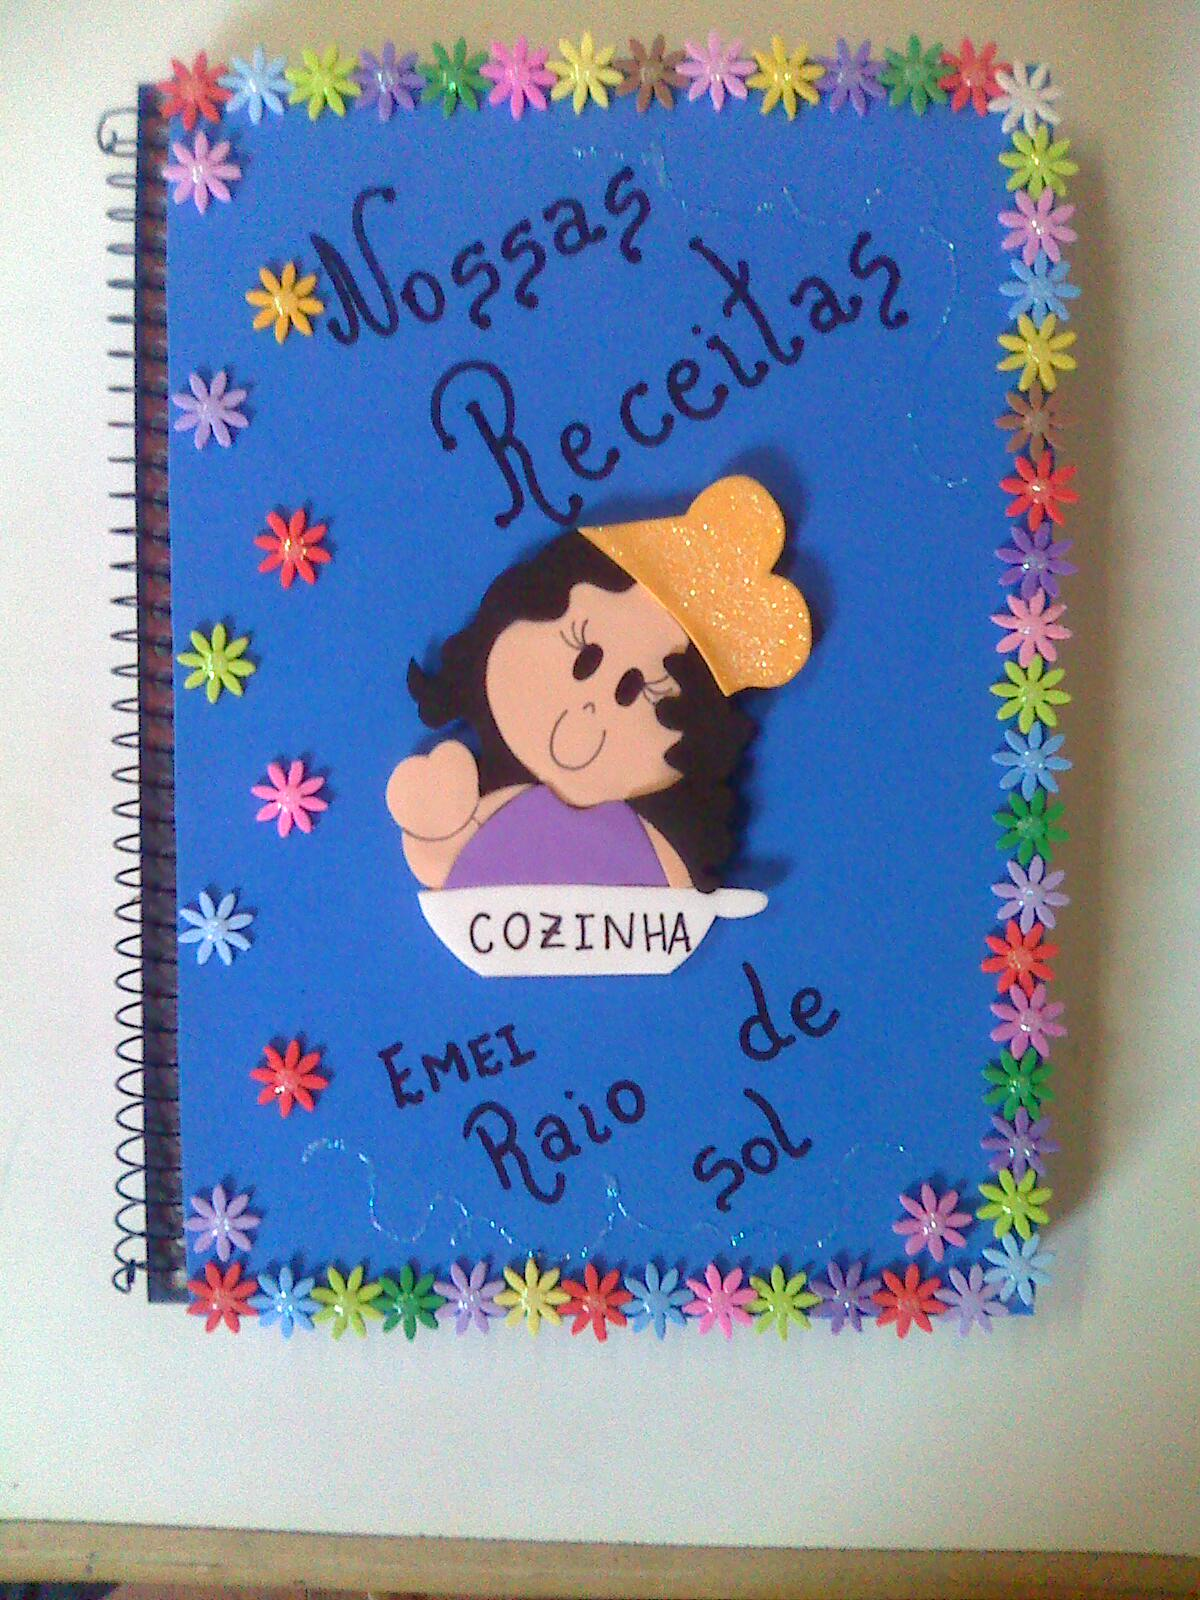 Ministerio Gospel Infantil: Lembrancinhas para as M?es